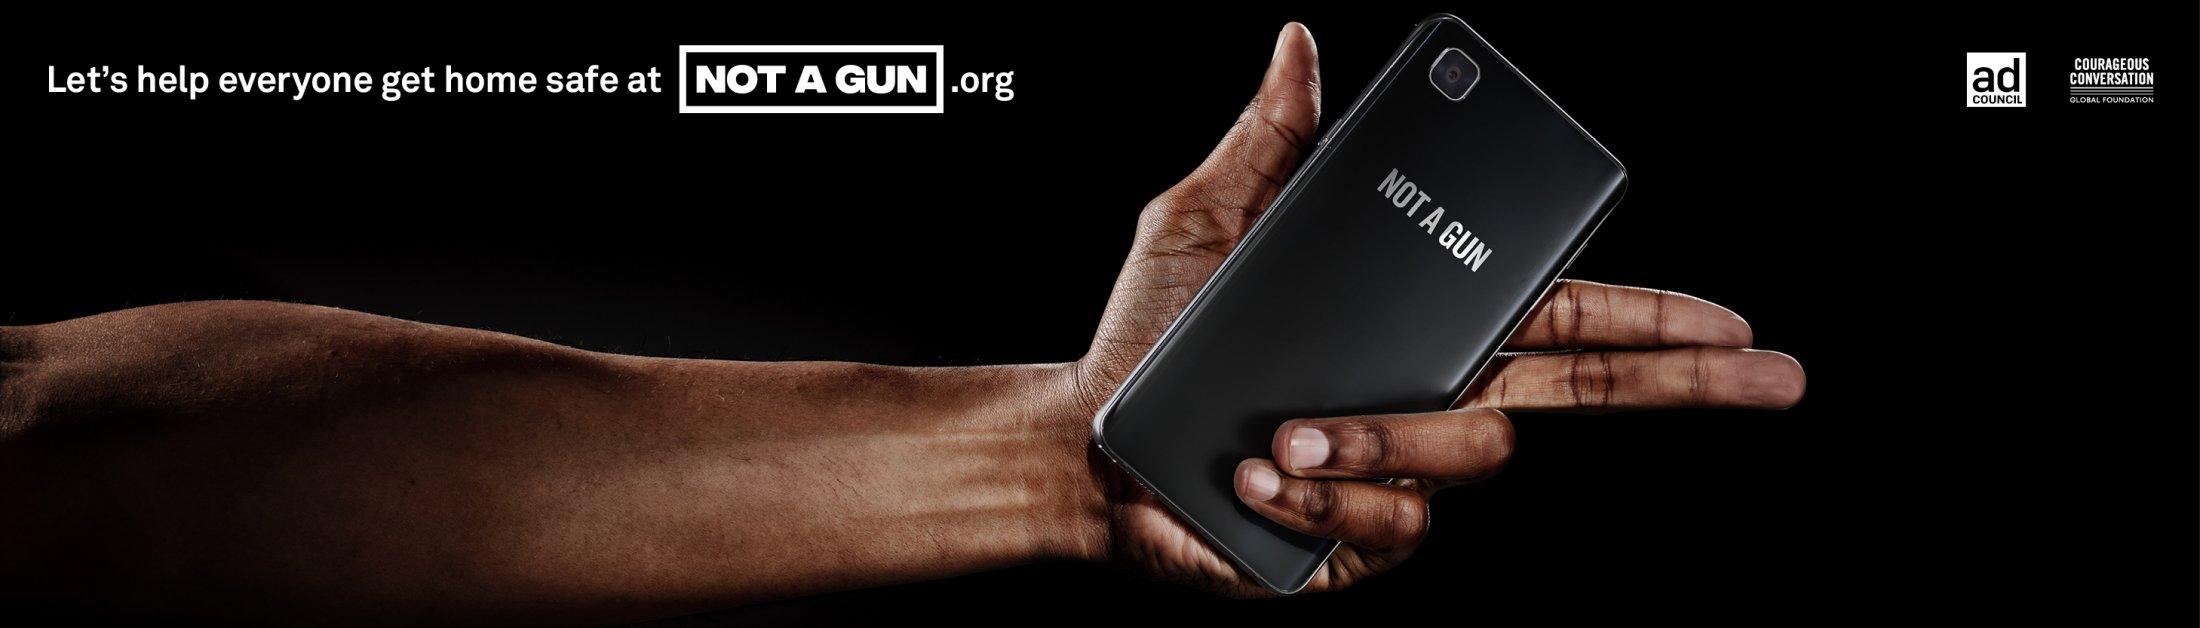 Thumbnail for Not a Gun